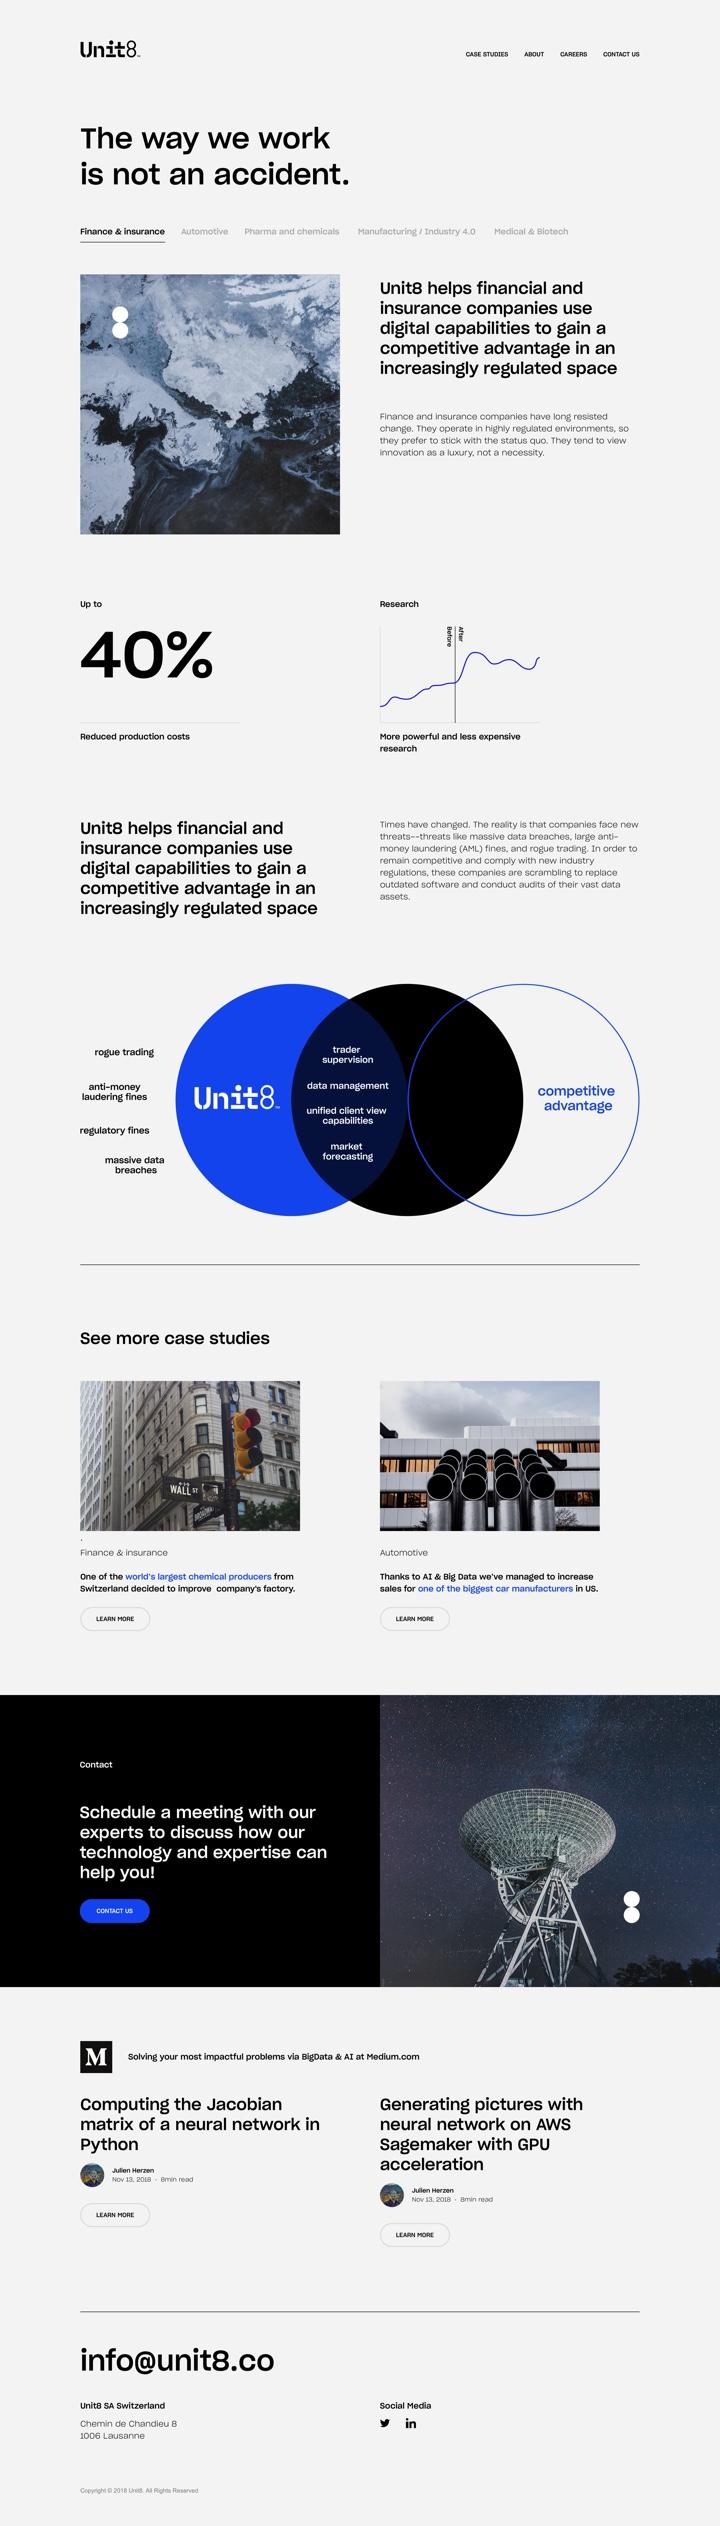 Unit 8 Portfolio design by Maciej Mach